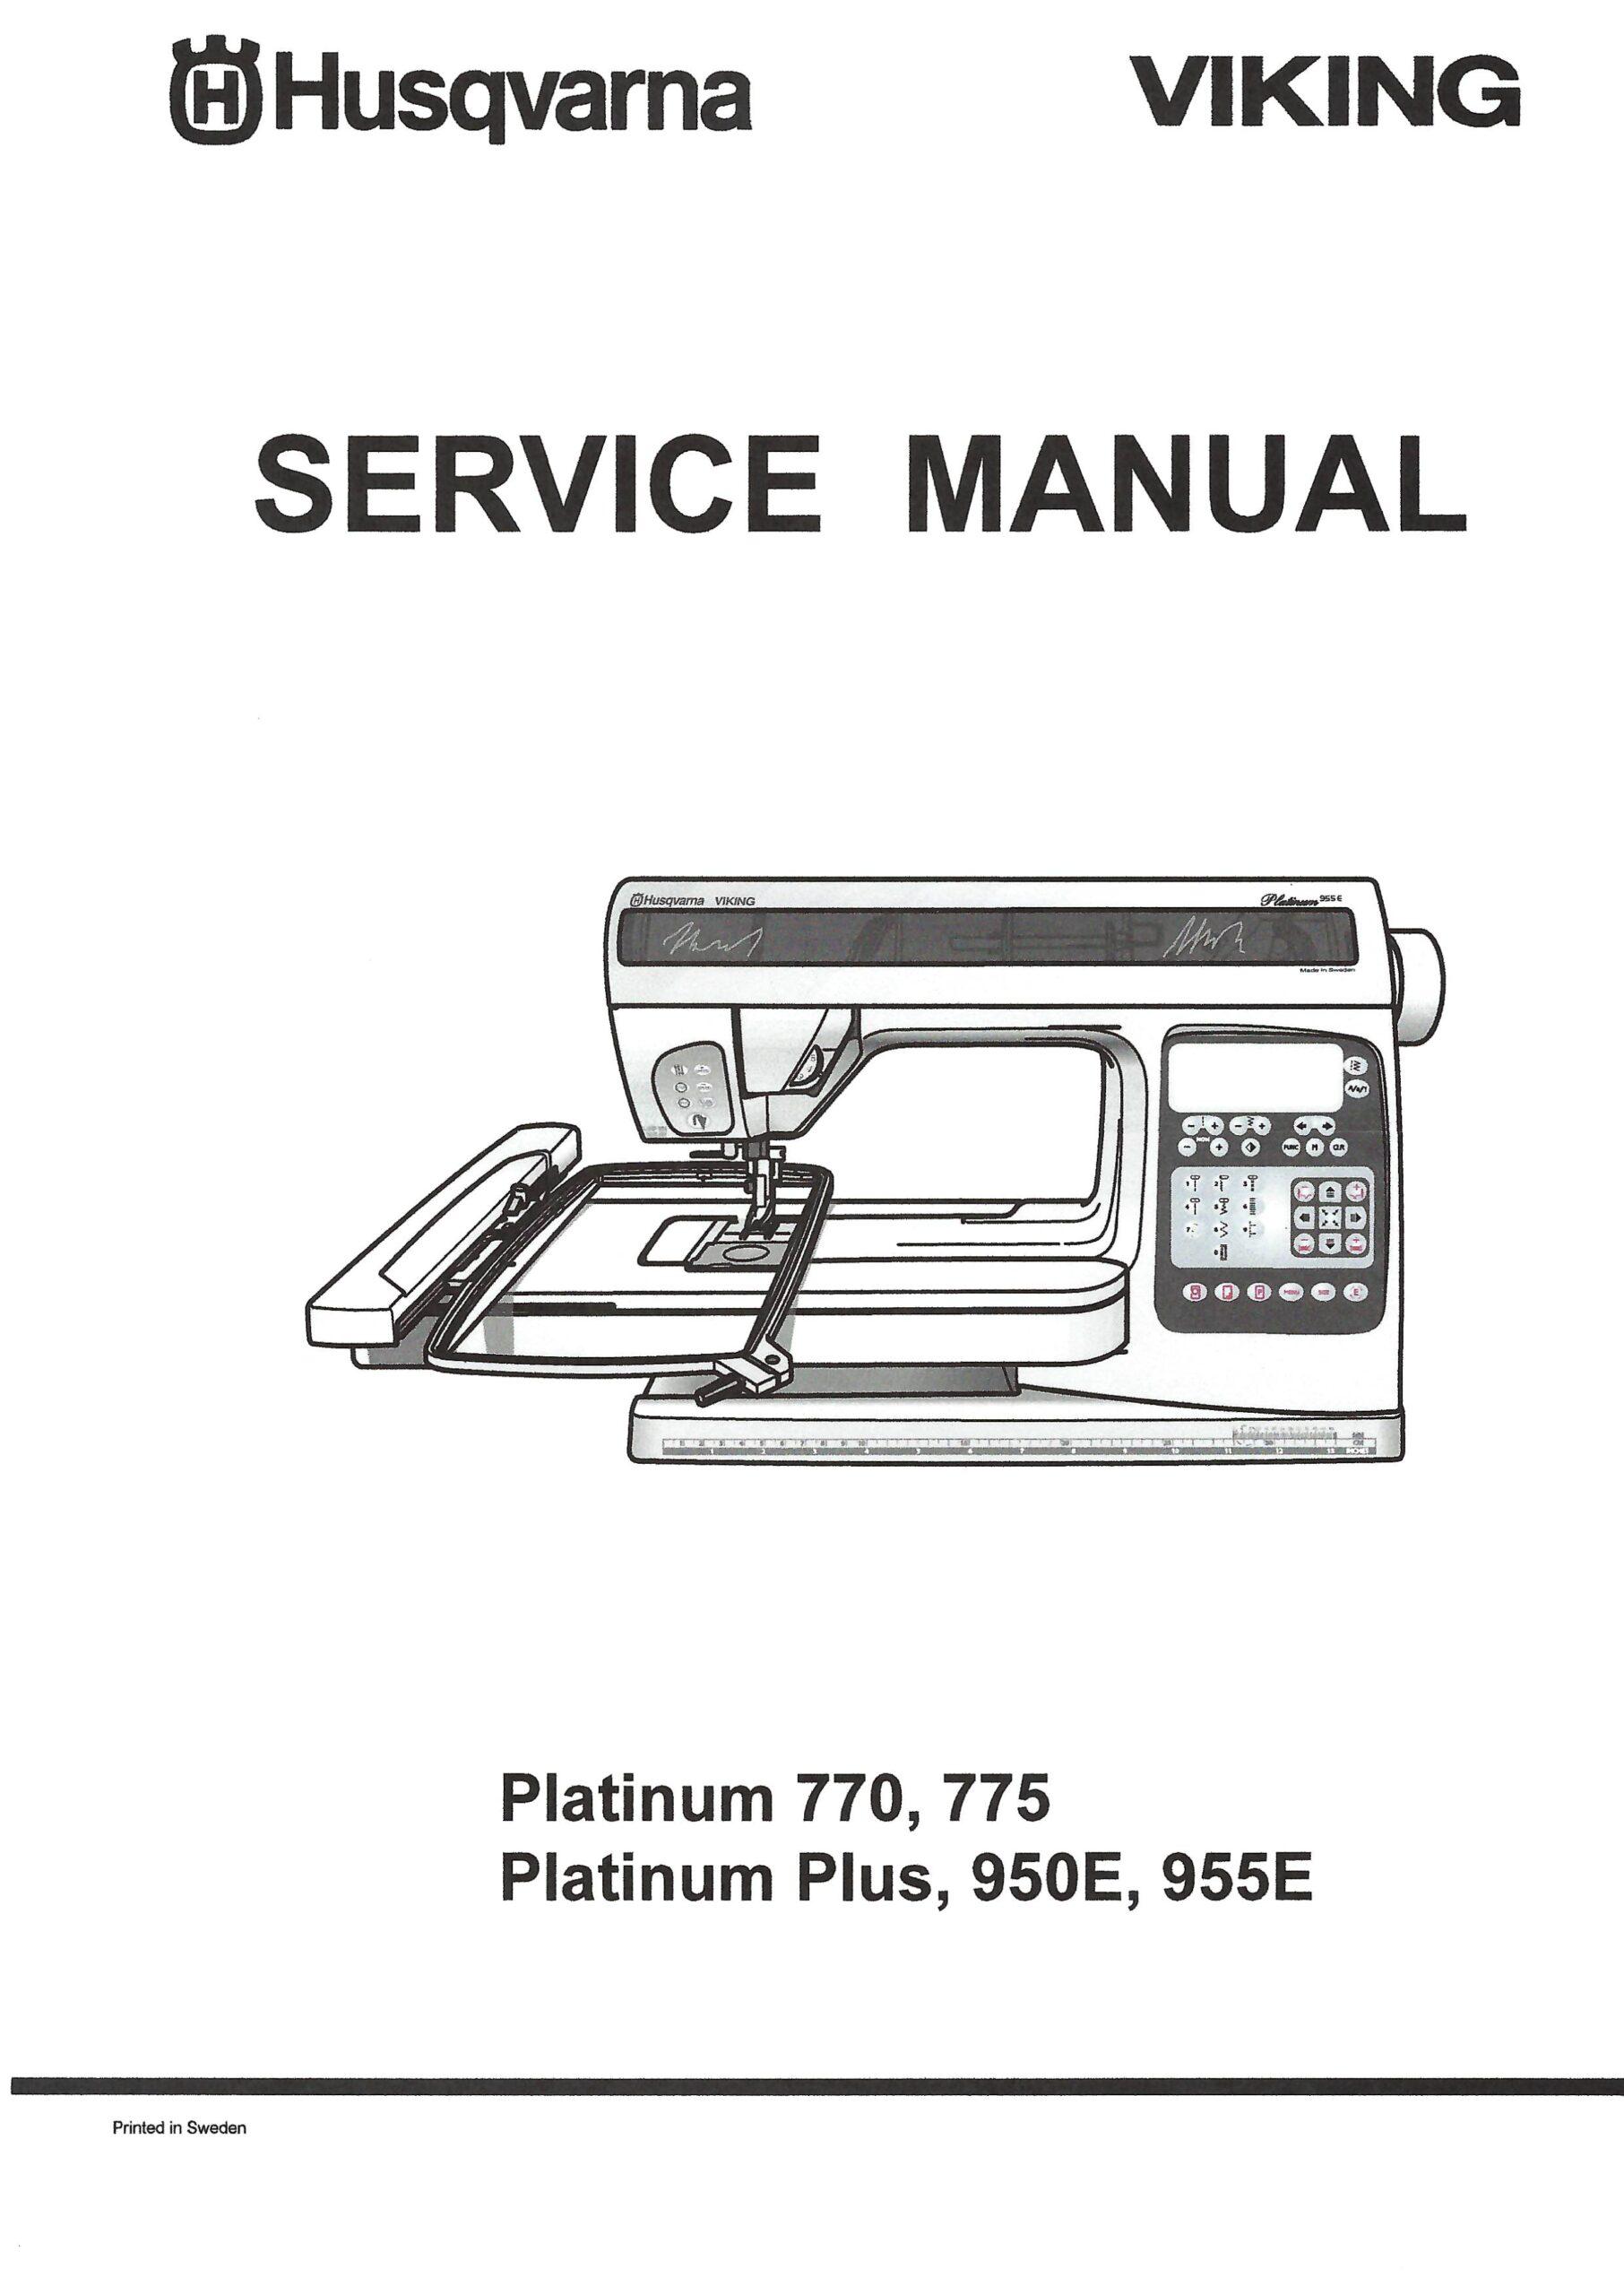 Service Manual Viking Platinum 770, 775, Plus, 950E, 955E